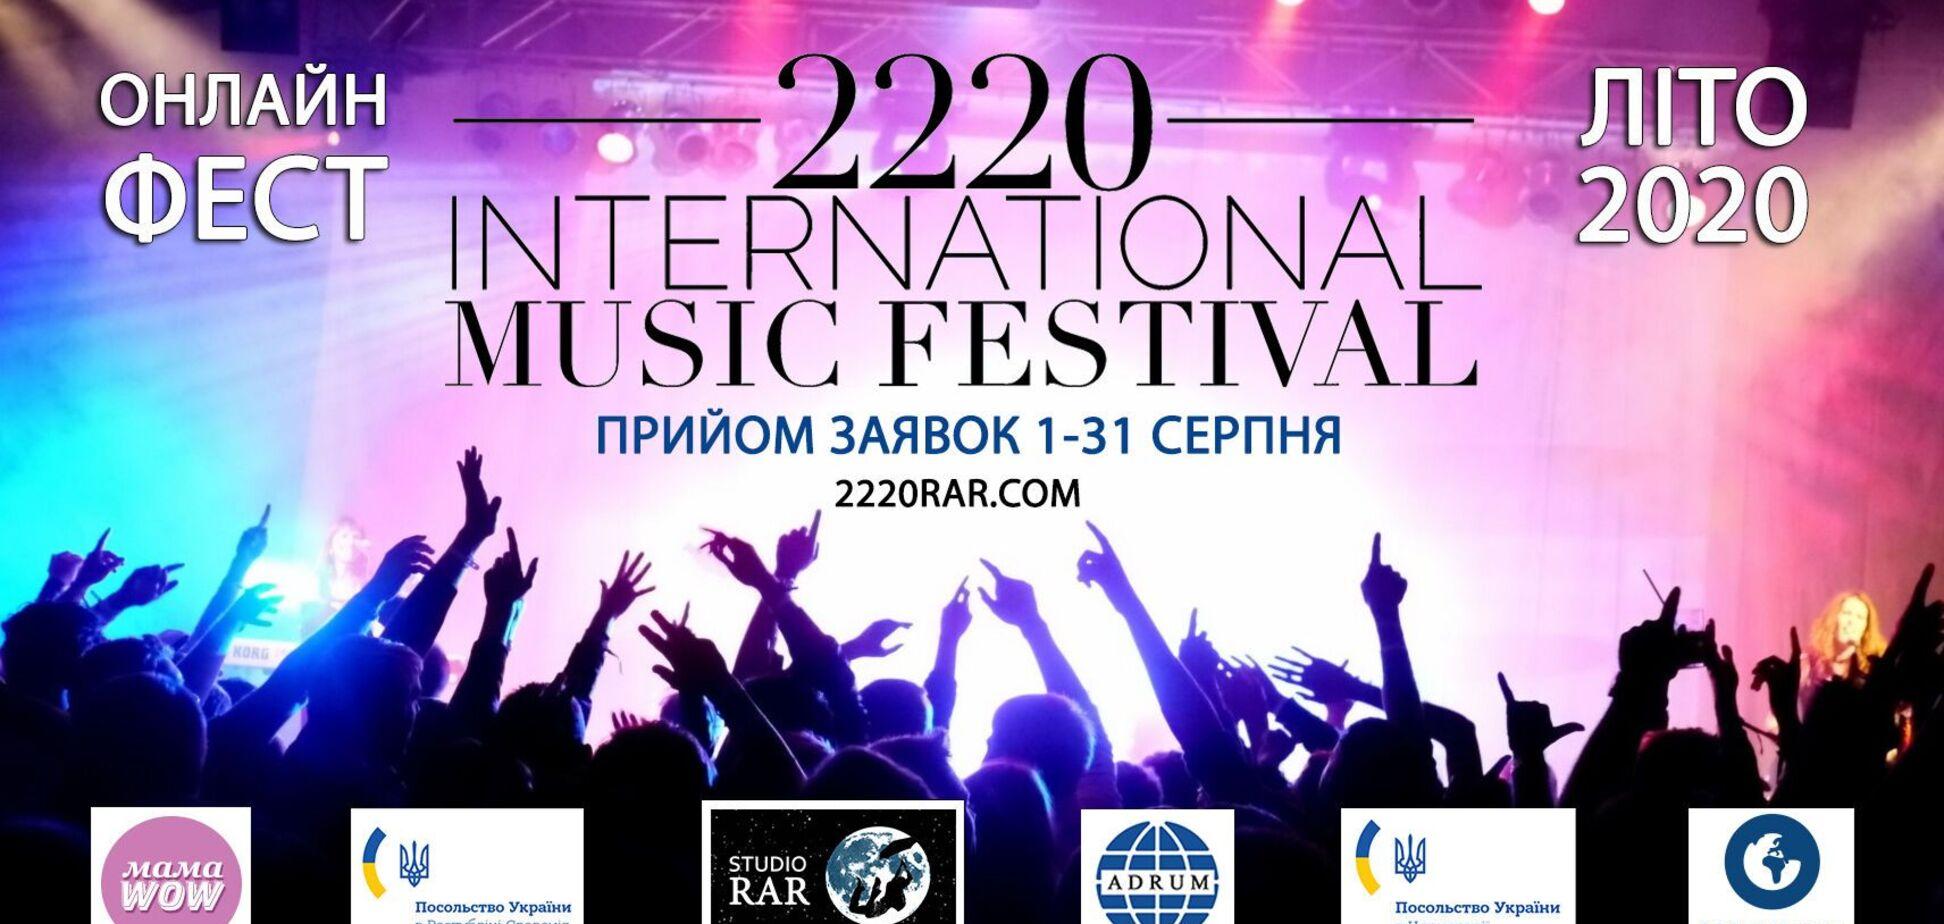 В августе-сентябре состоится 2220 INTERNATIONAL MUSIC FESTIVAL